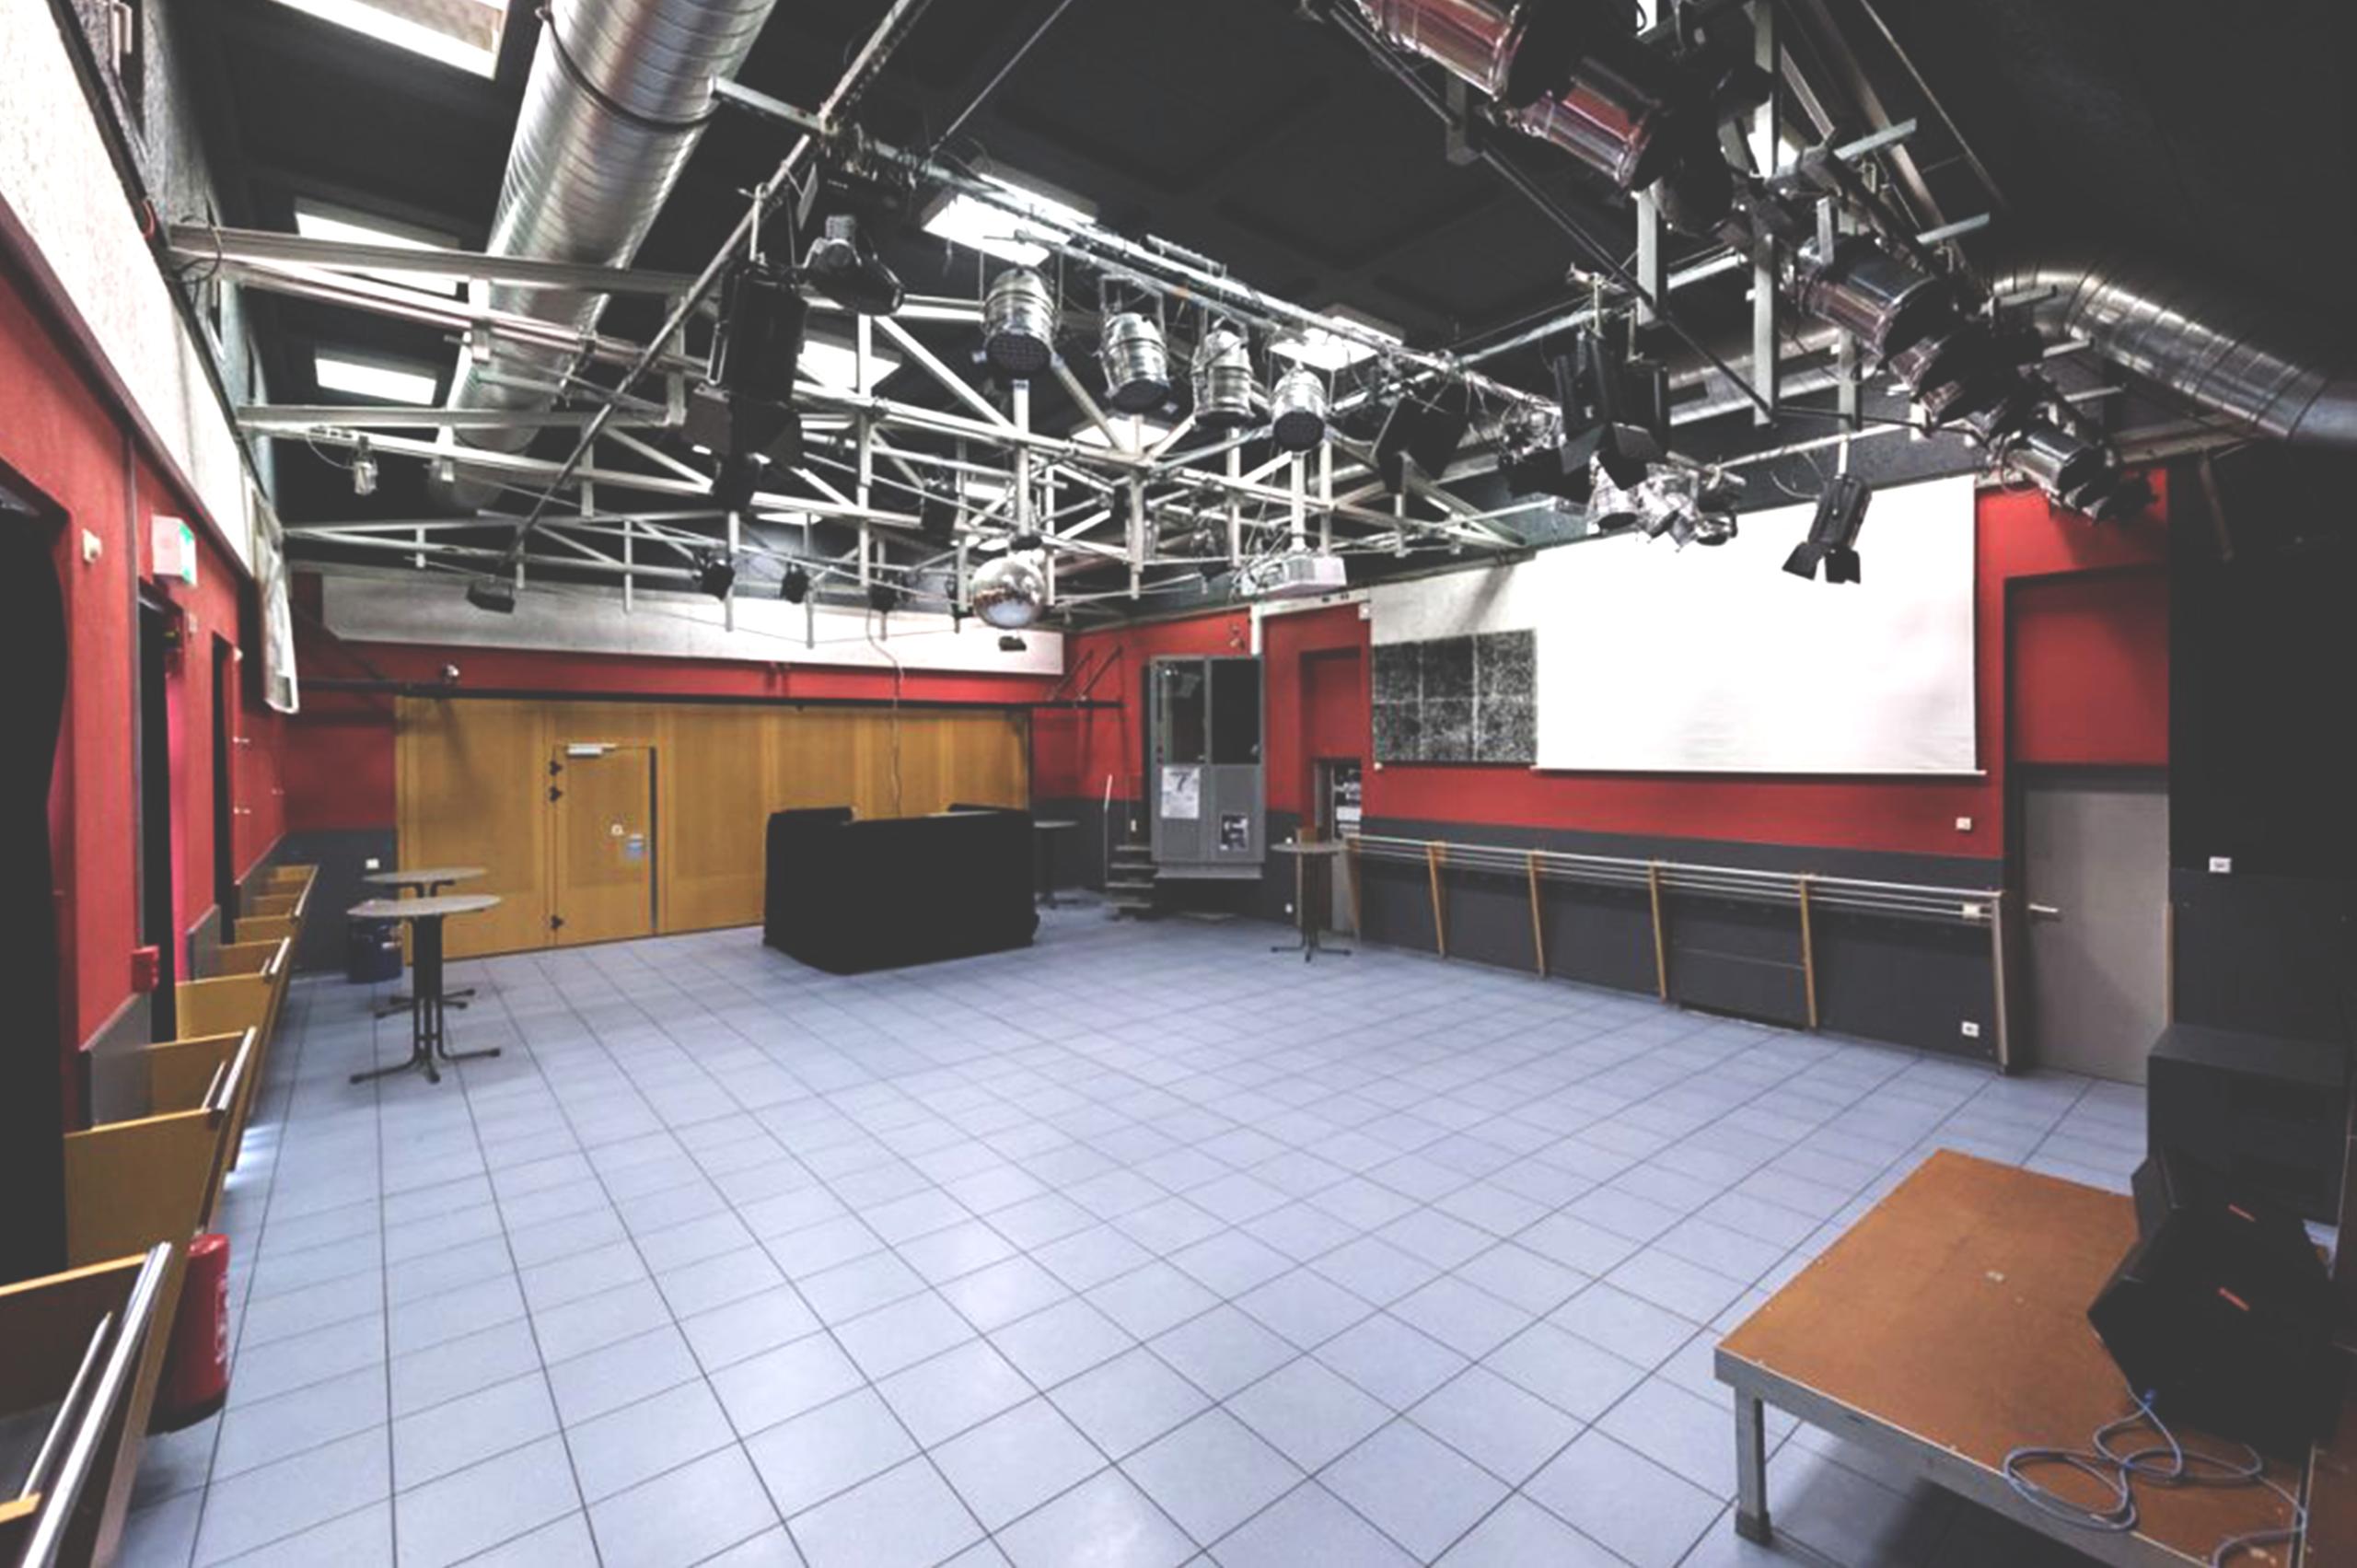 Foto von dem leeren Konzertsaal der LUISE. Eine Lichtkanzel an der rechten Wand. Am anderen Ende des Saals steht der FoH (Front of House: erhöhter Platz, von dem aus Tontechniker bei einer Veranstaltung arbeiten)